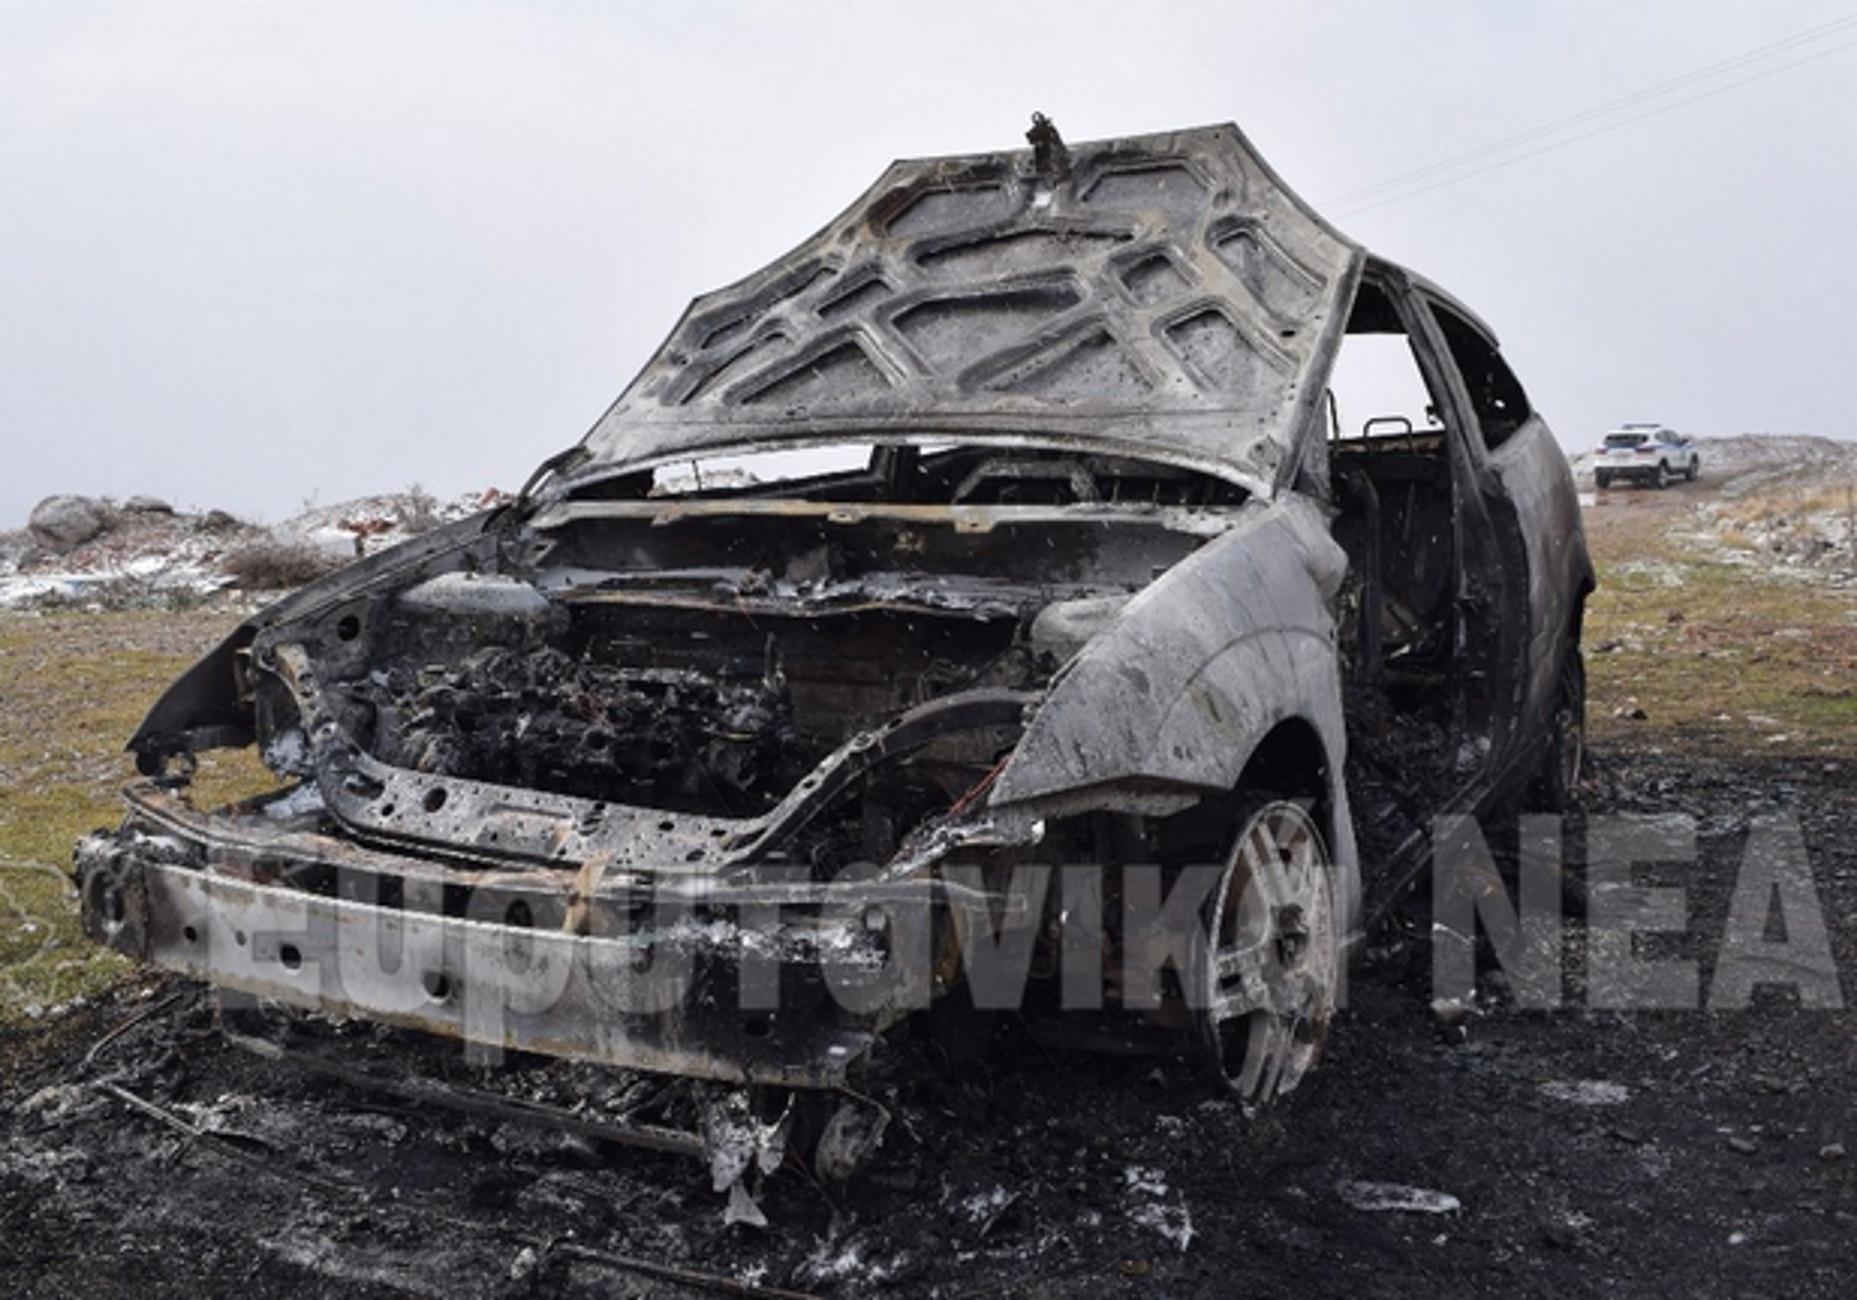 Καρπενήσι: Βρέθηκε απανθρακωμένος σε αυτό το αυτοκίνητο! Σπαραγμός για τον 30χρονο (Βίντεο)